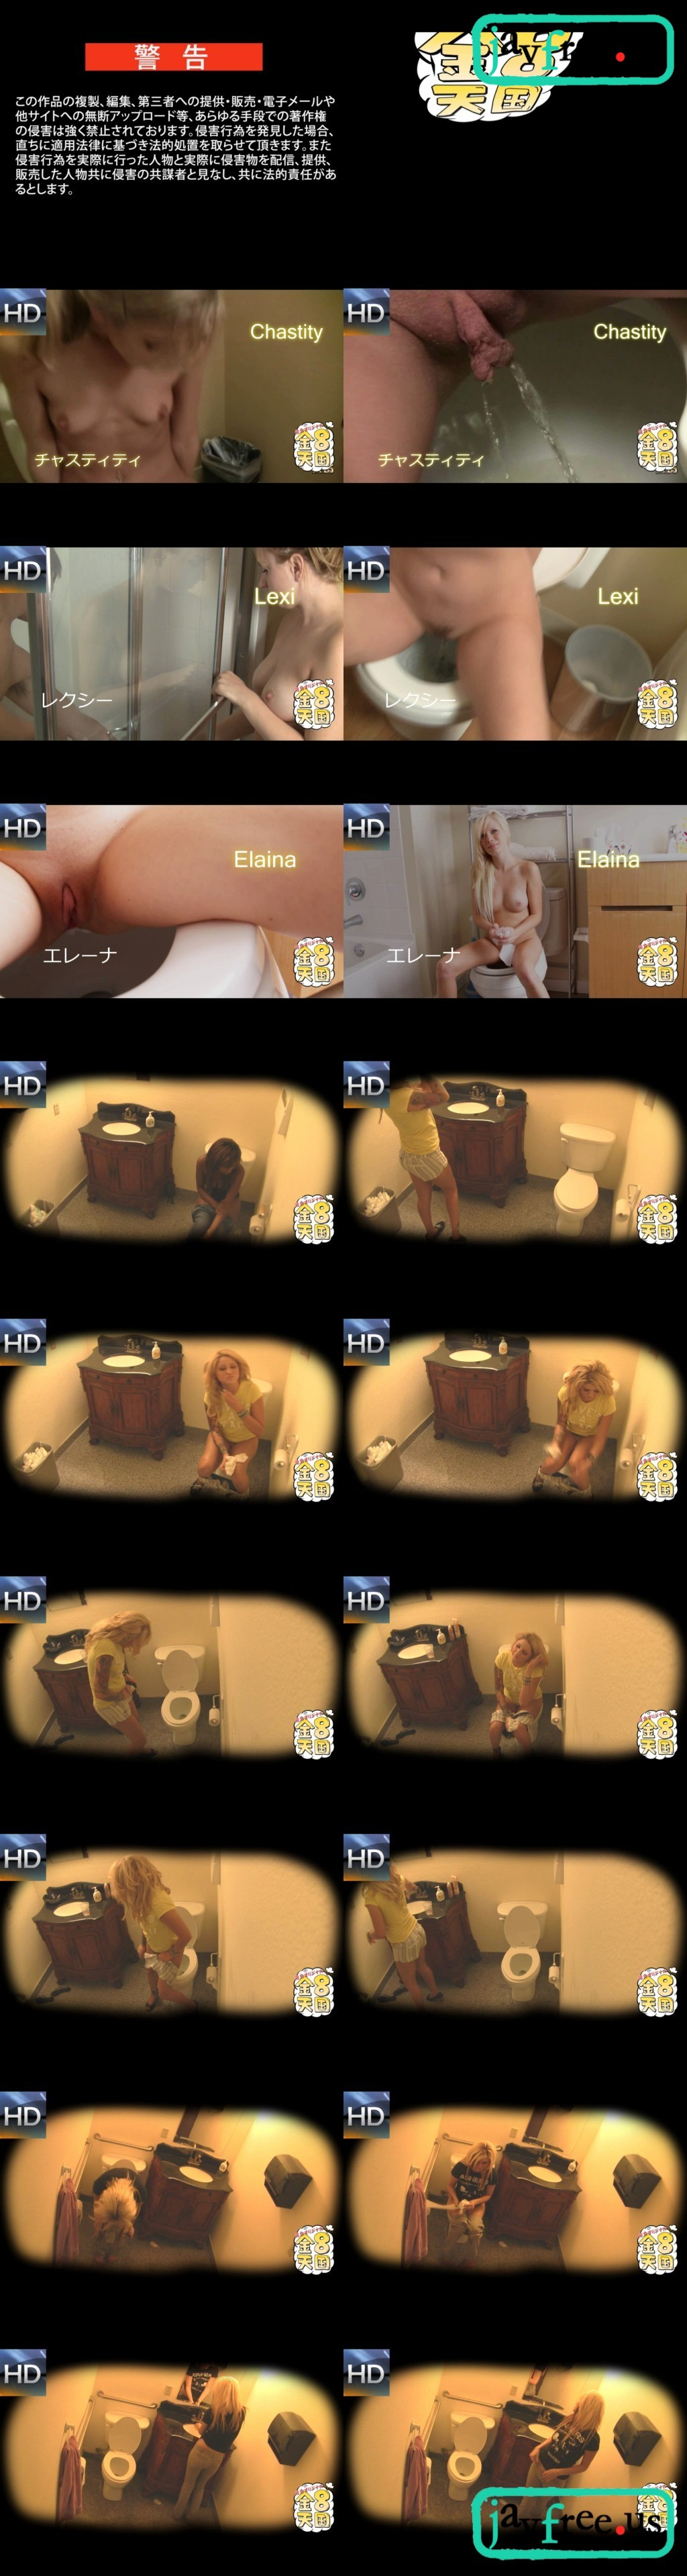 金髪天国562 あの人気女優の恥ずかしいショット!放尿が見れる!おしっこ大特集 / おしっこ特集 - image king8-562 on https://javfree.me